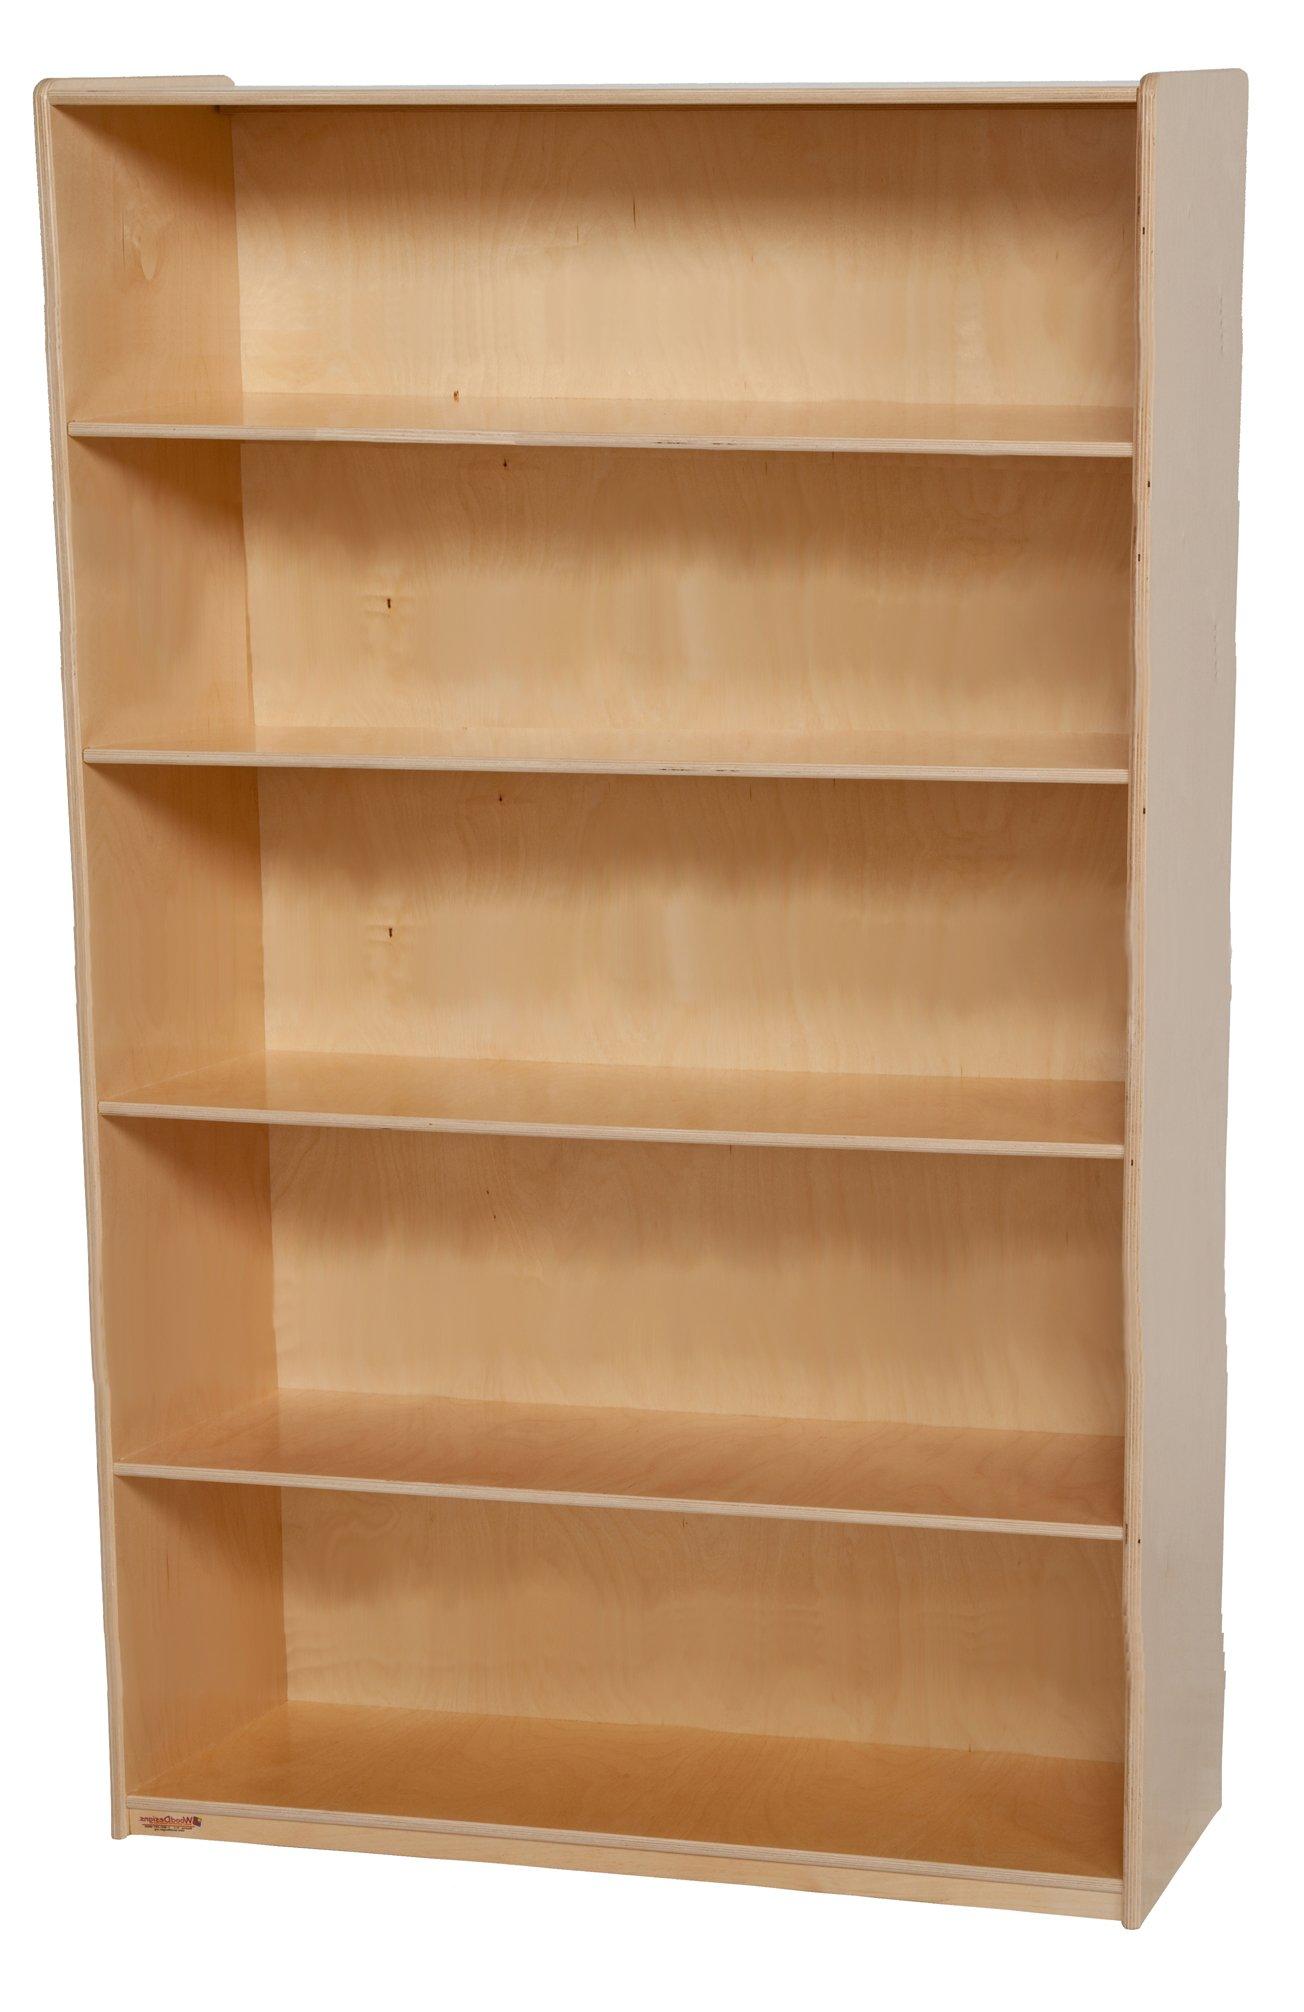 Wood Designs WD12960 Bookshelf, 60 x 36 x 15'' (H x W x D)